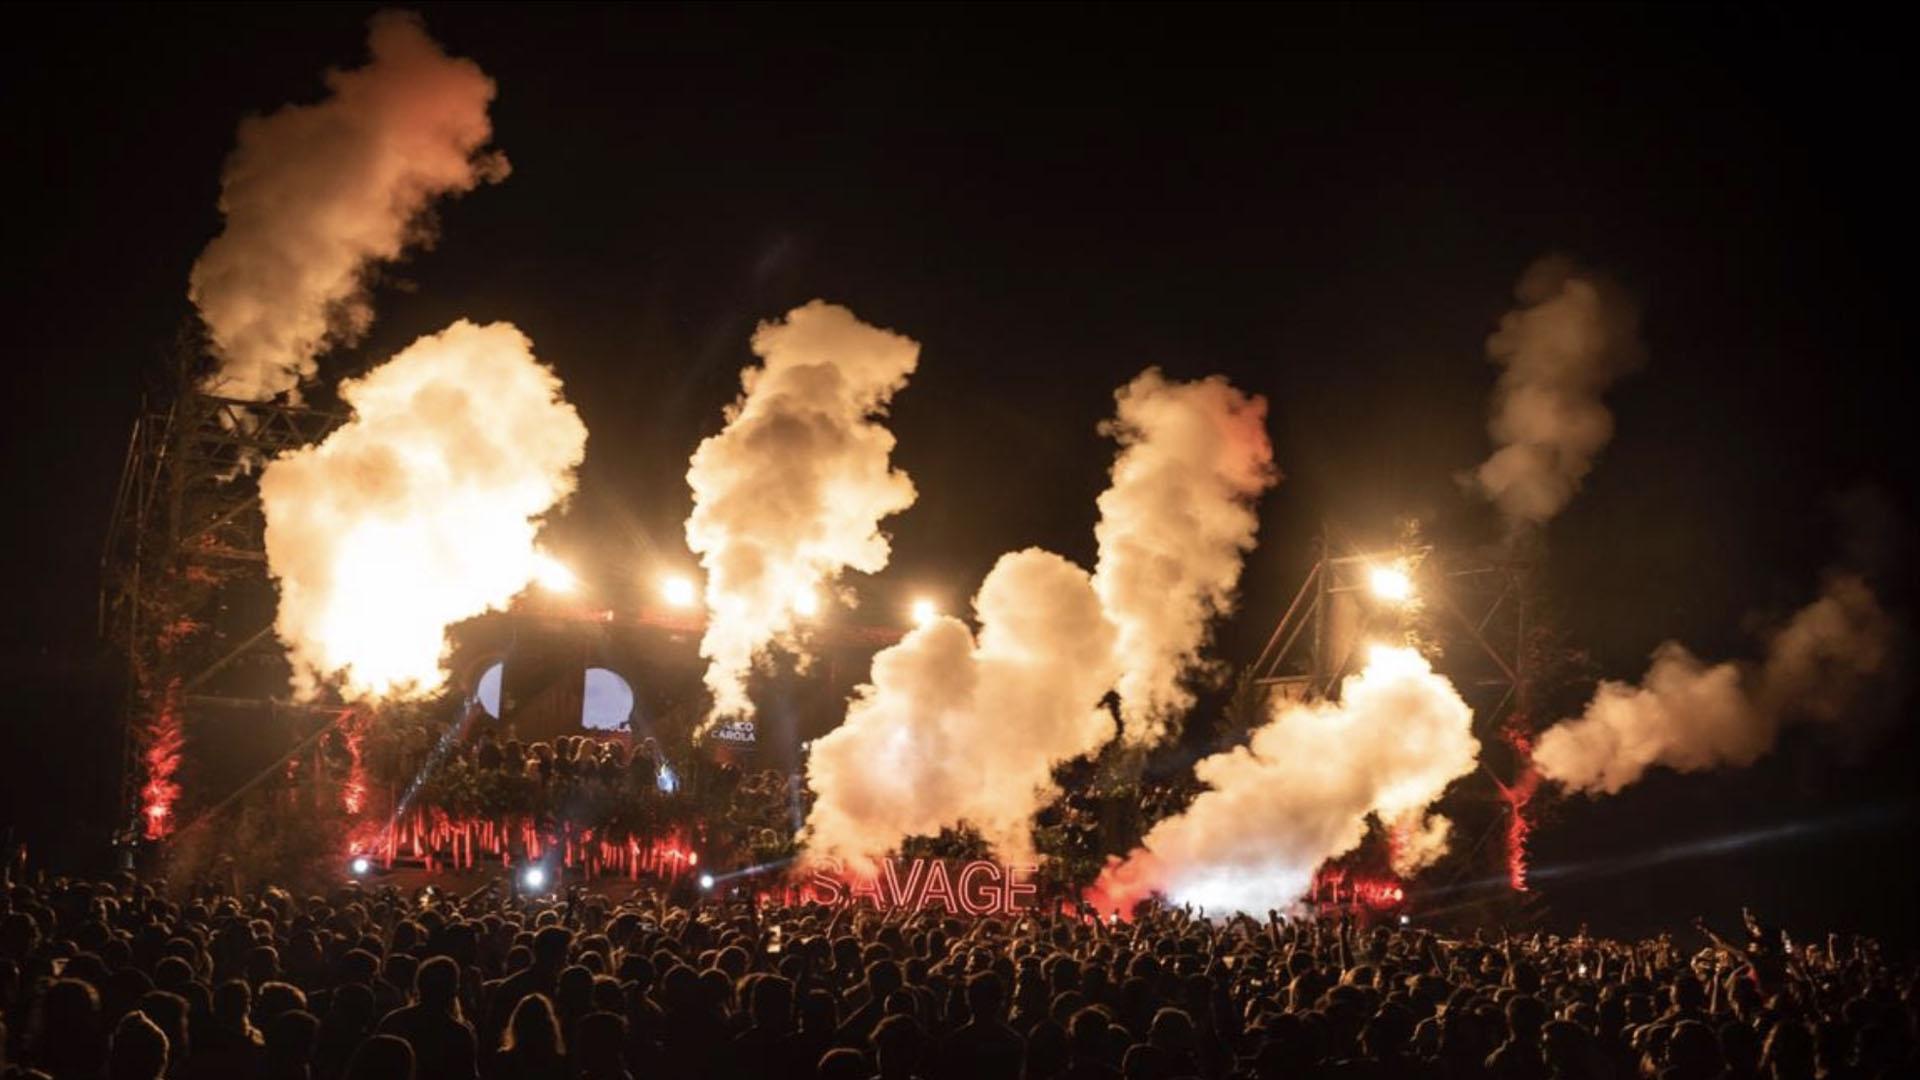 Esta producción de Toto Lafrianda y Crew Savage comenzó el 28 de diciembre, con la presentación del talentoso dj y productor británico Nick Warren, quien deleitó a los asistentes con los mejores ritmos del progressive house. Una vez más, el Jet Summer 2020 demostró por qué este festival se consolida como pionero en el mundo de los espectáculos musicales